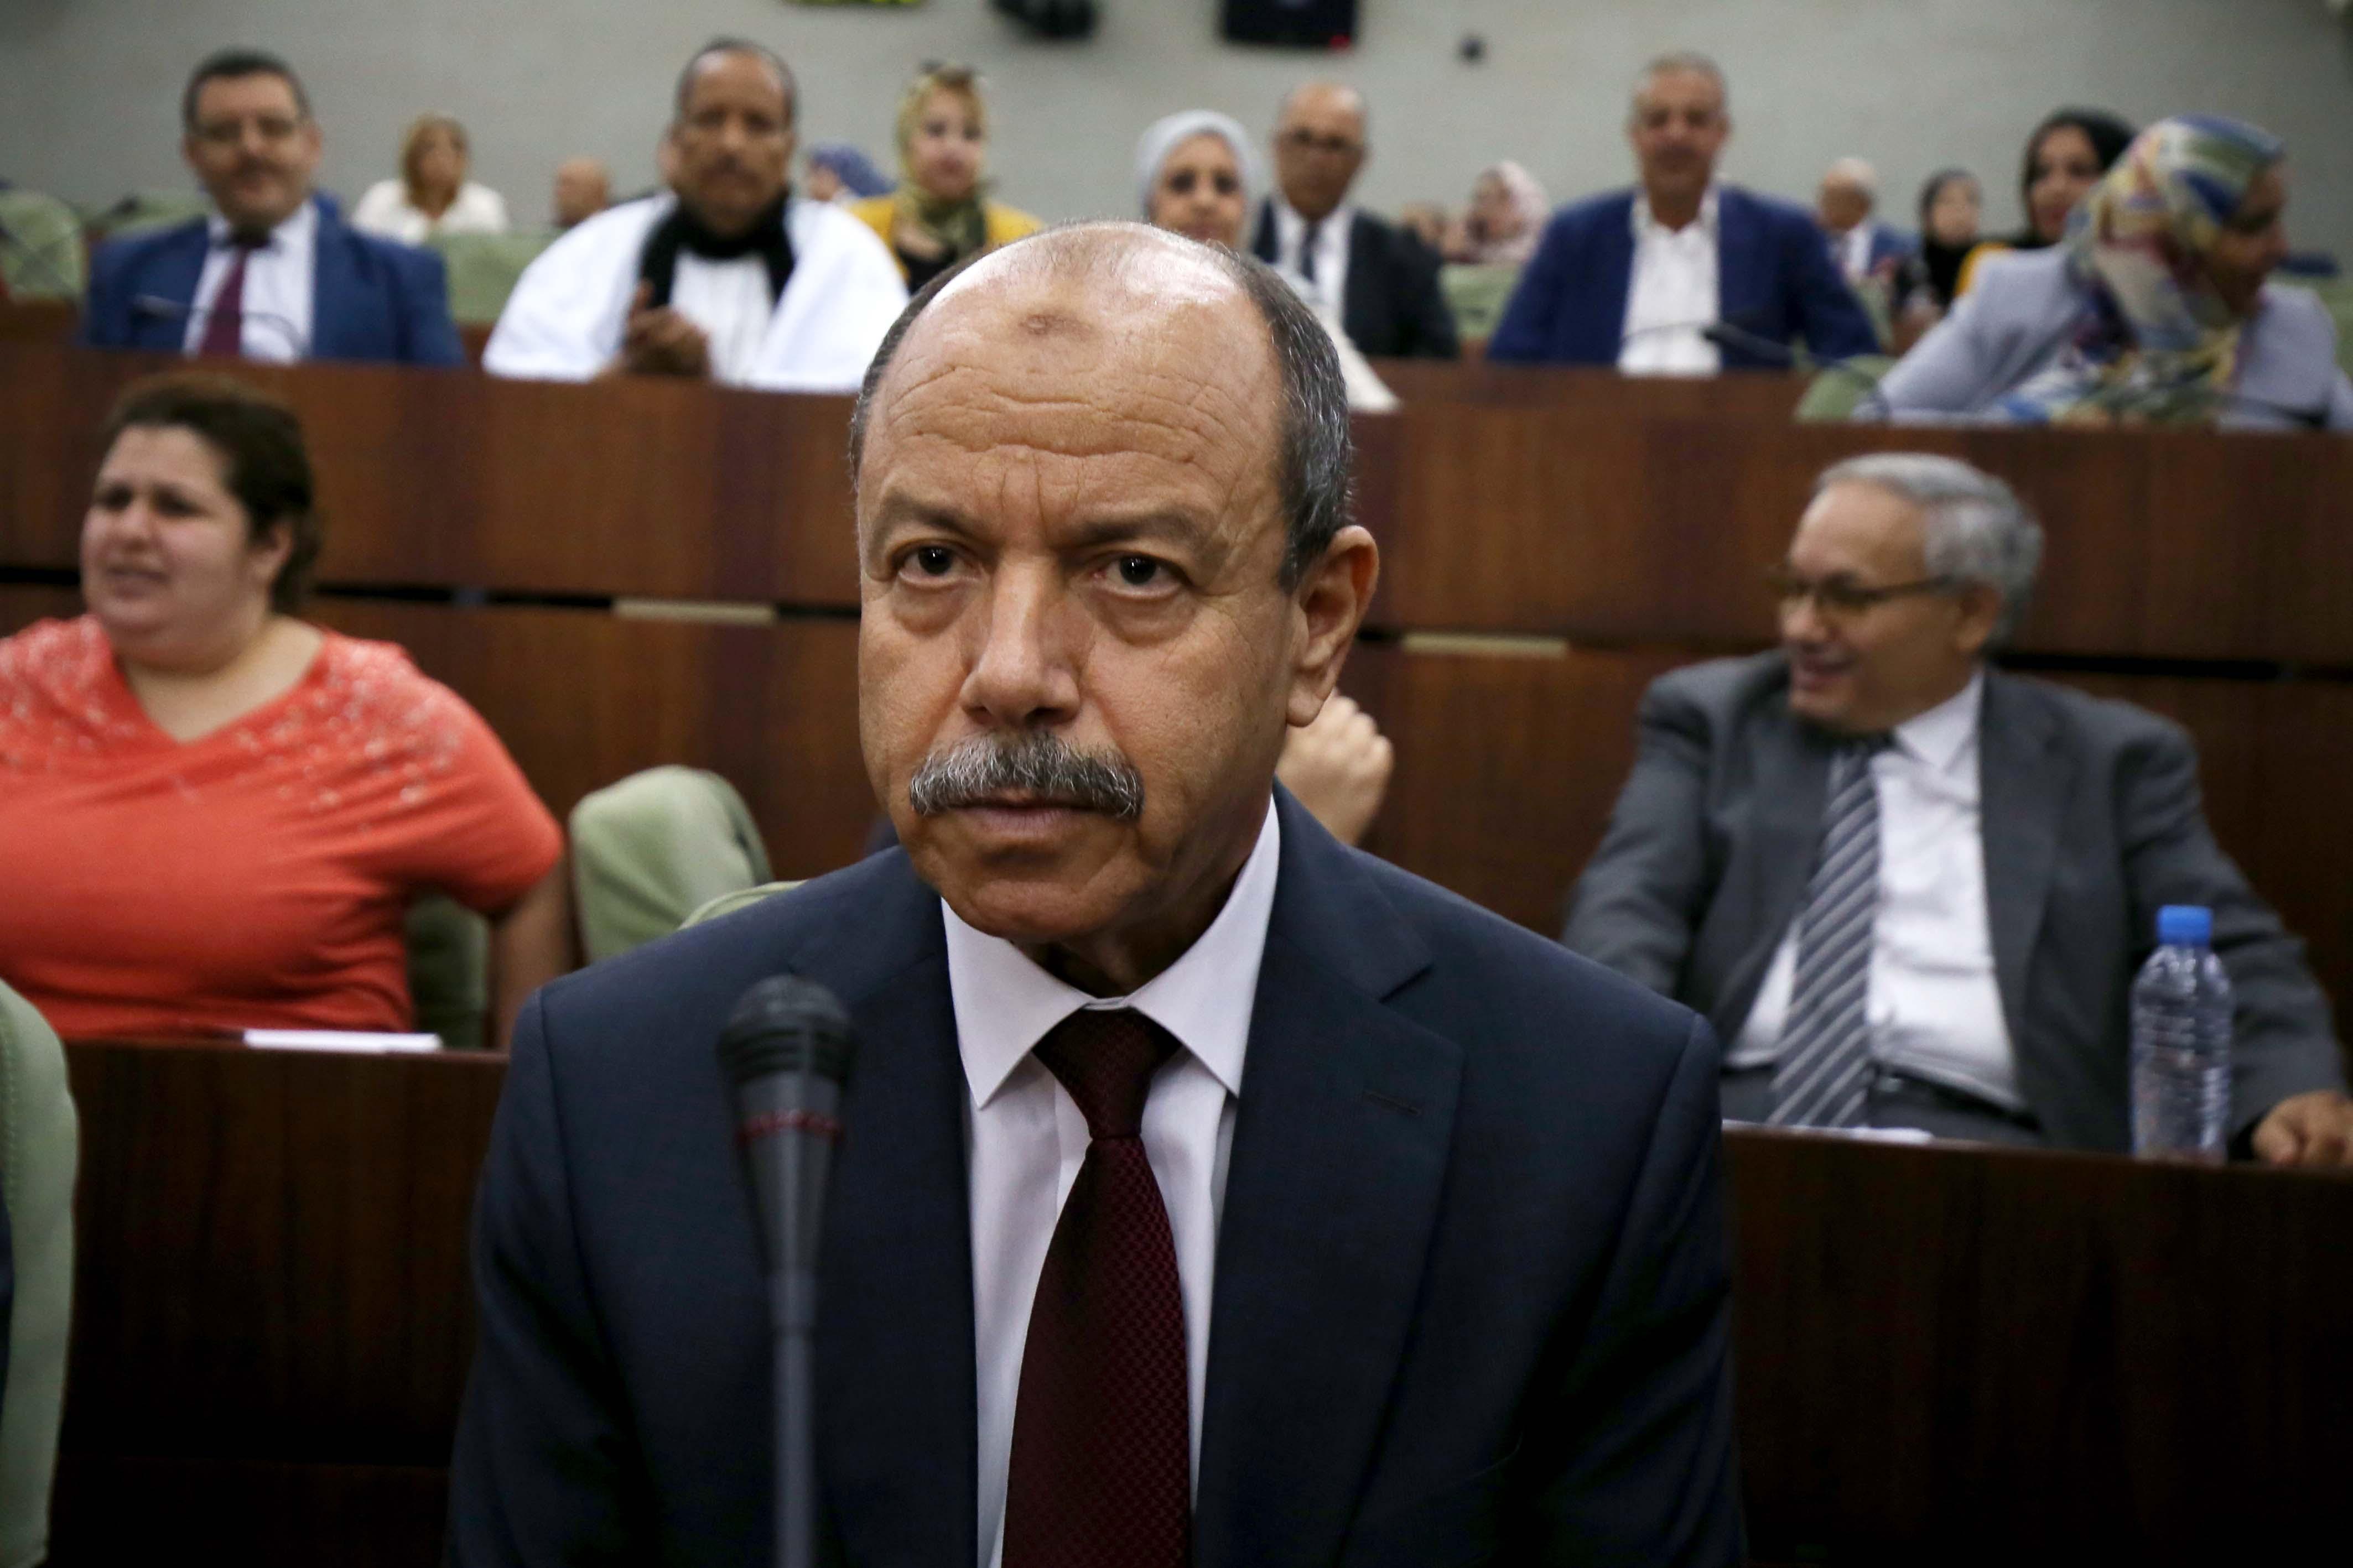 وزير العدل الجزائري بلقاسم زغماتي